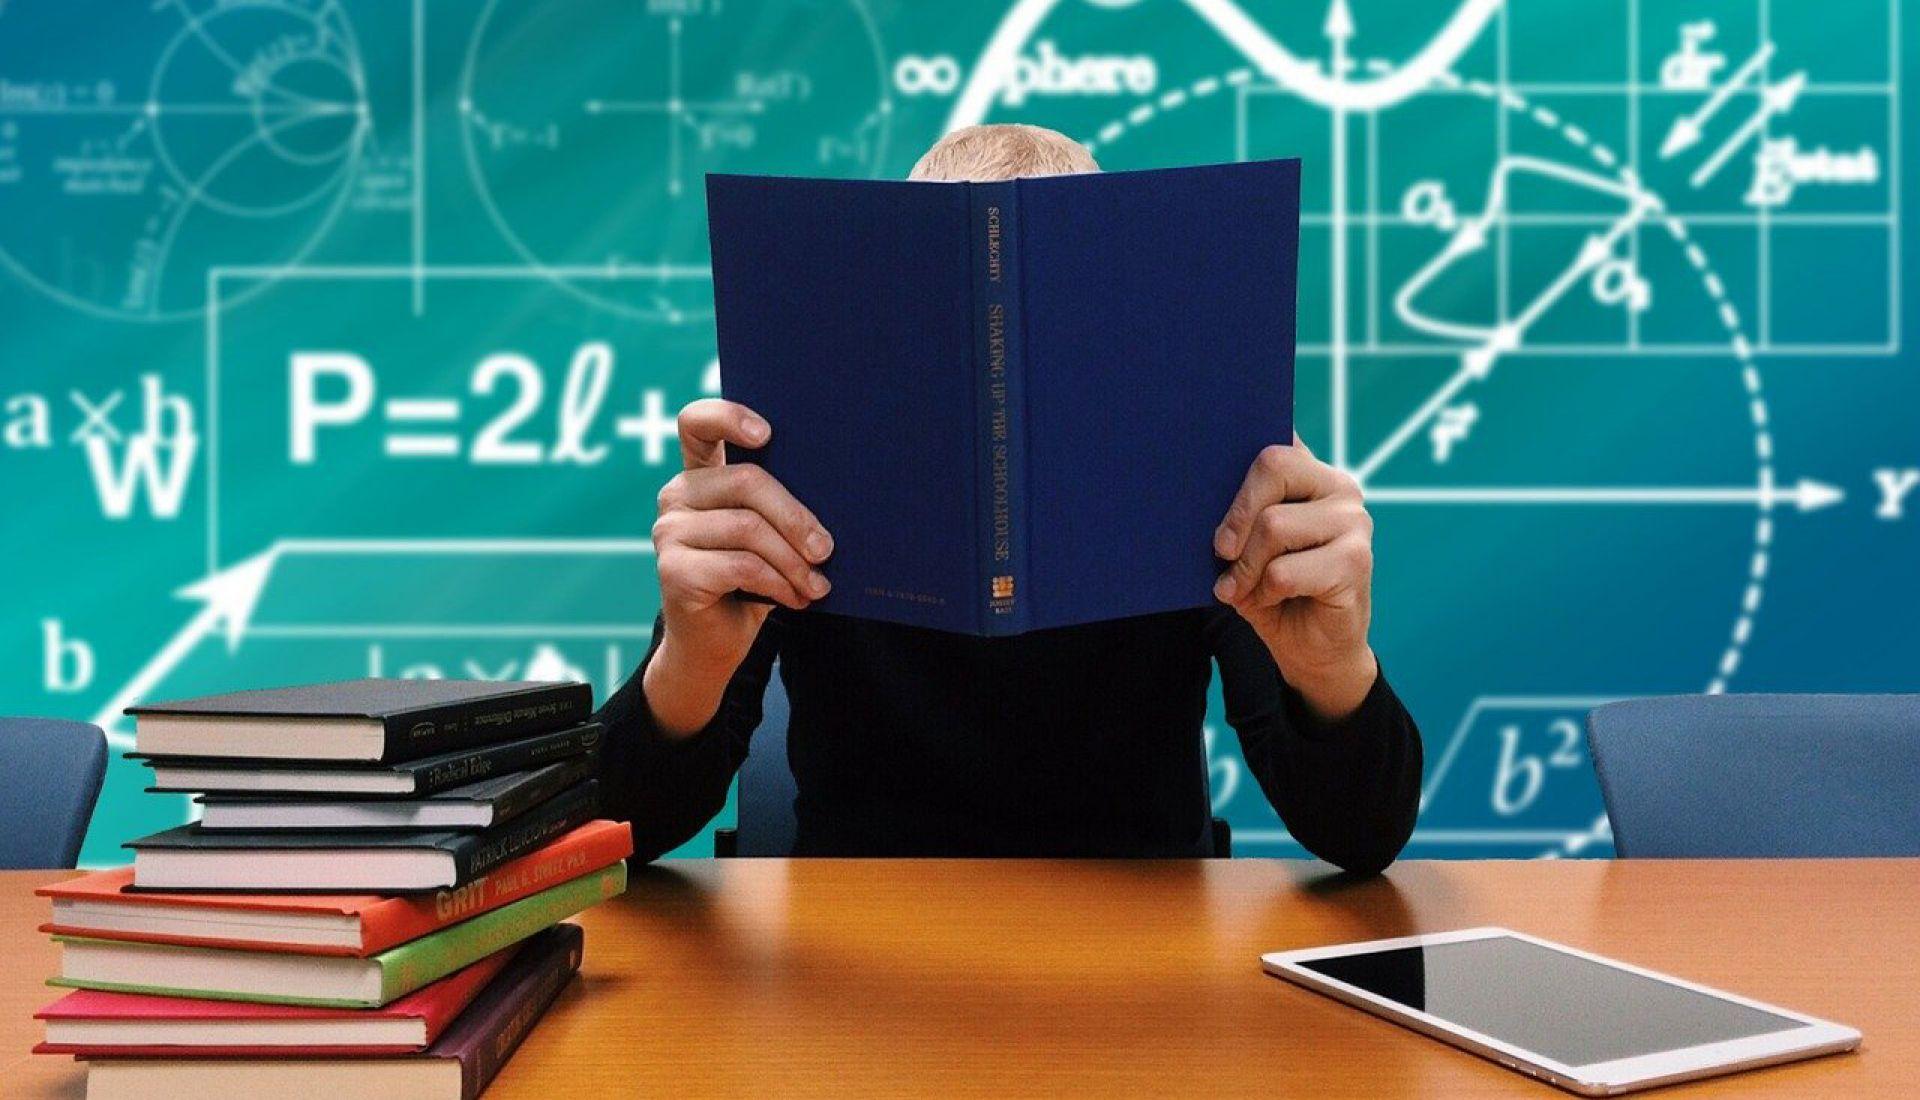 Collège - Toutes matières (14h-16h)